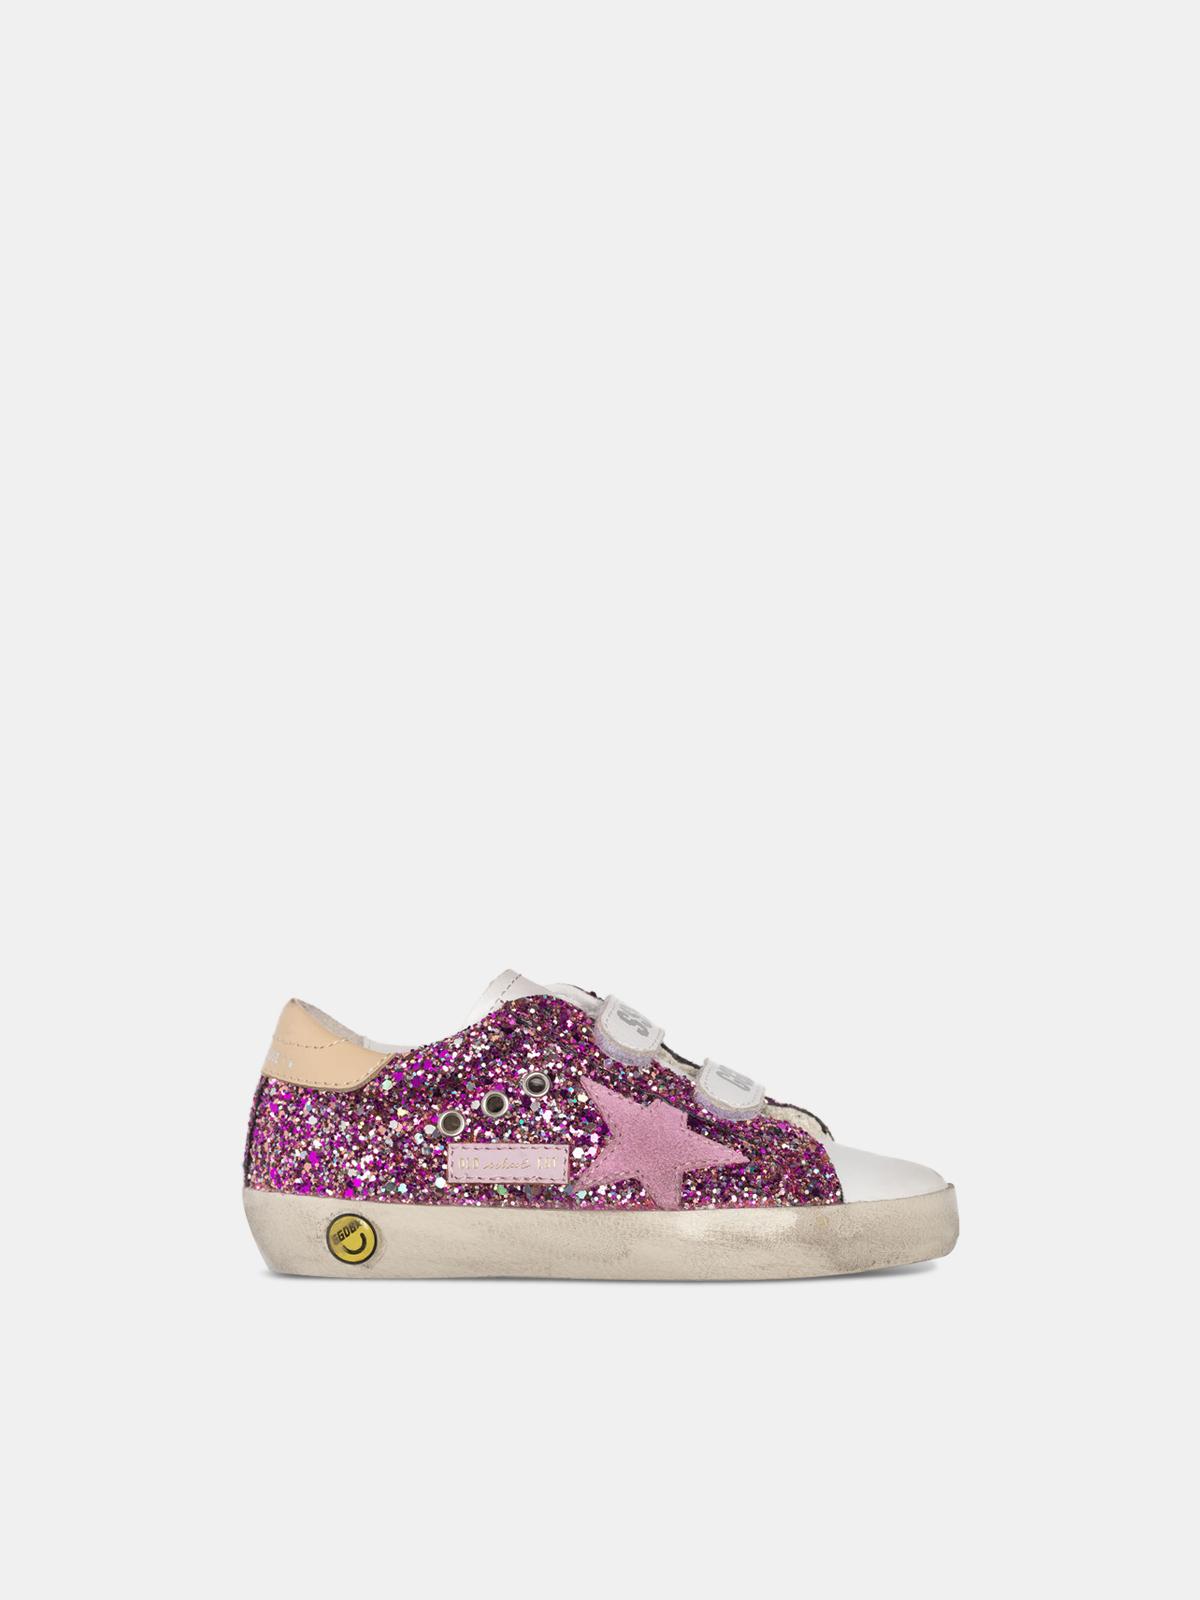 Golden Goose - Sneakers Old School con glitter fuxia e stella rosa in